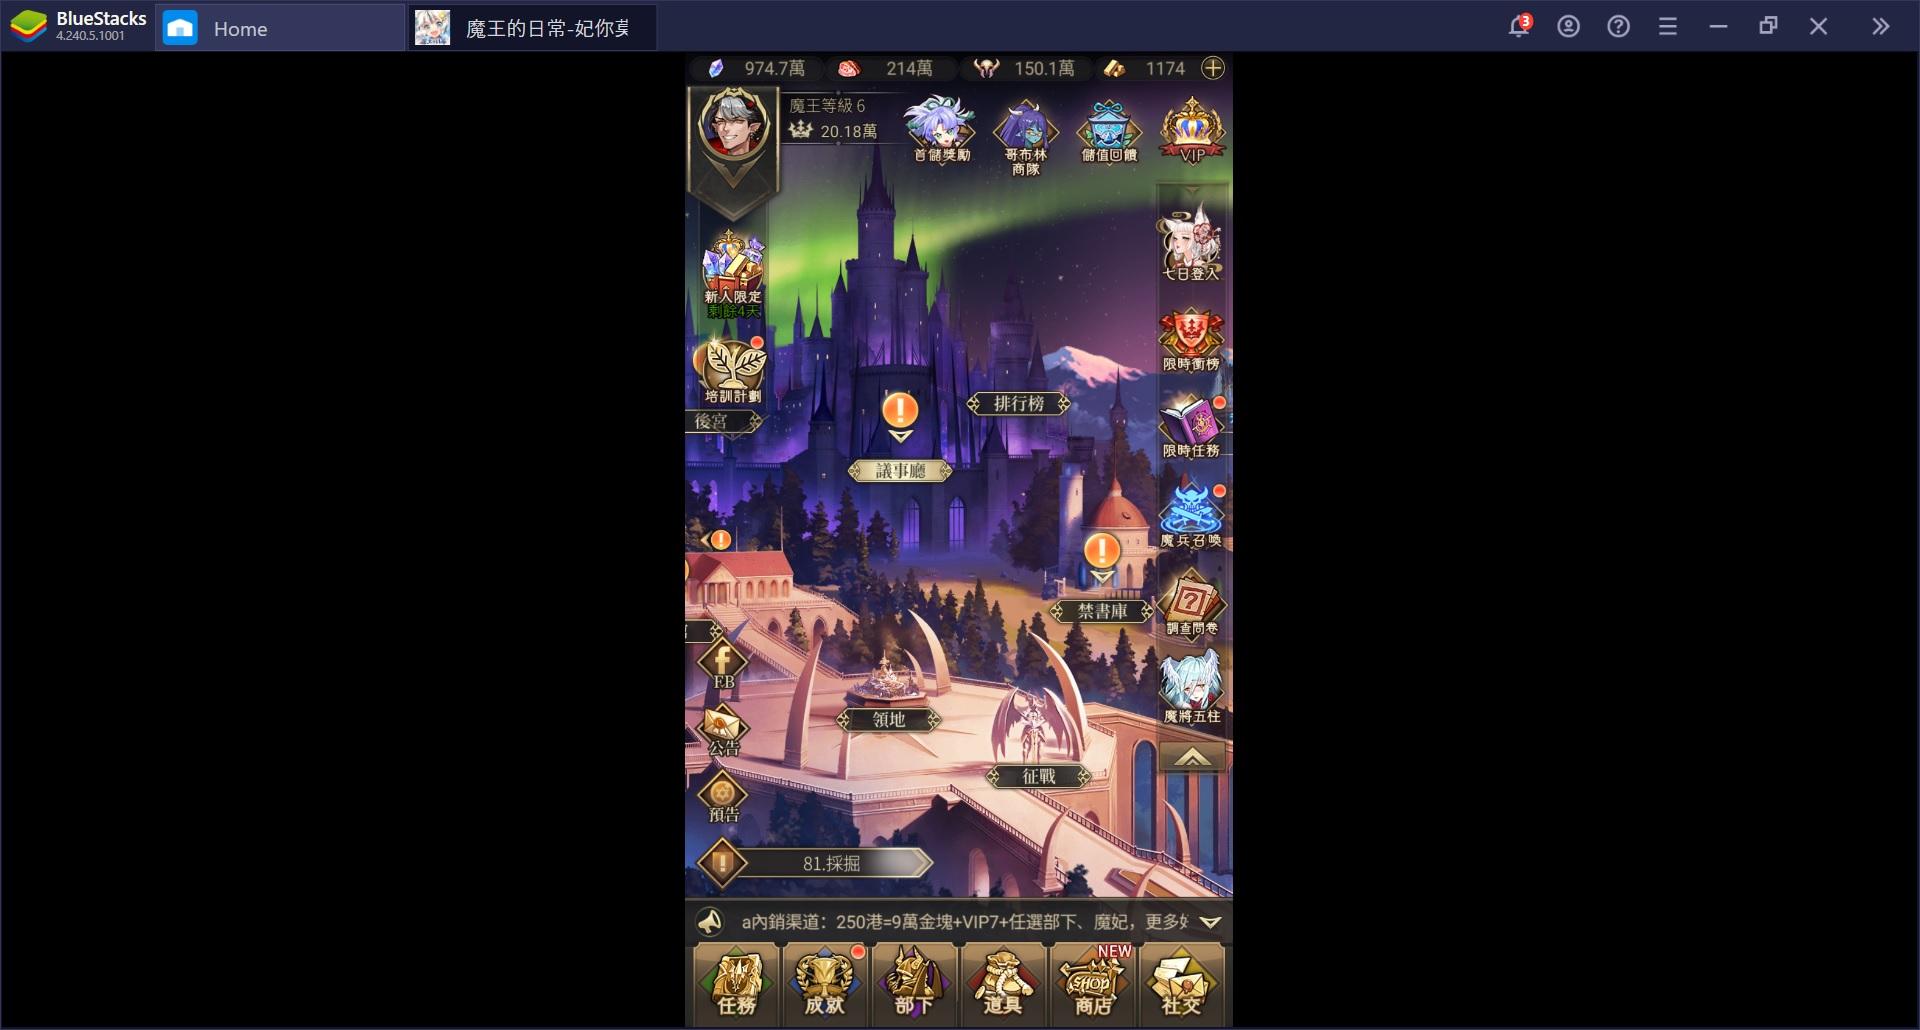 使用BlueStacks在PC上體驗異世界後宮RPG手游《魔王的日常:妃你莫屬》